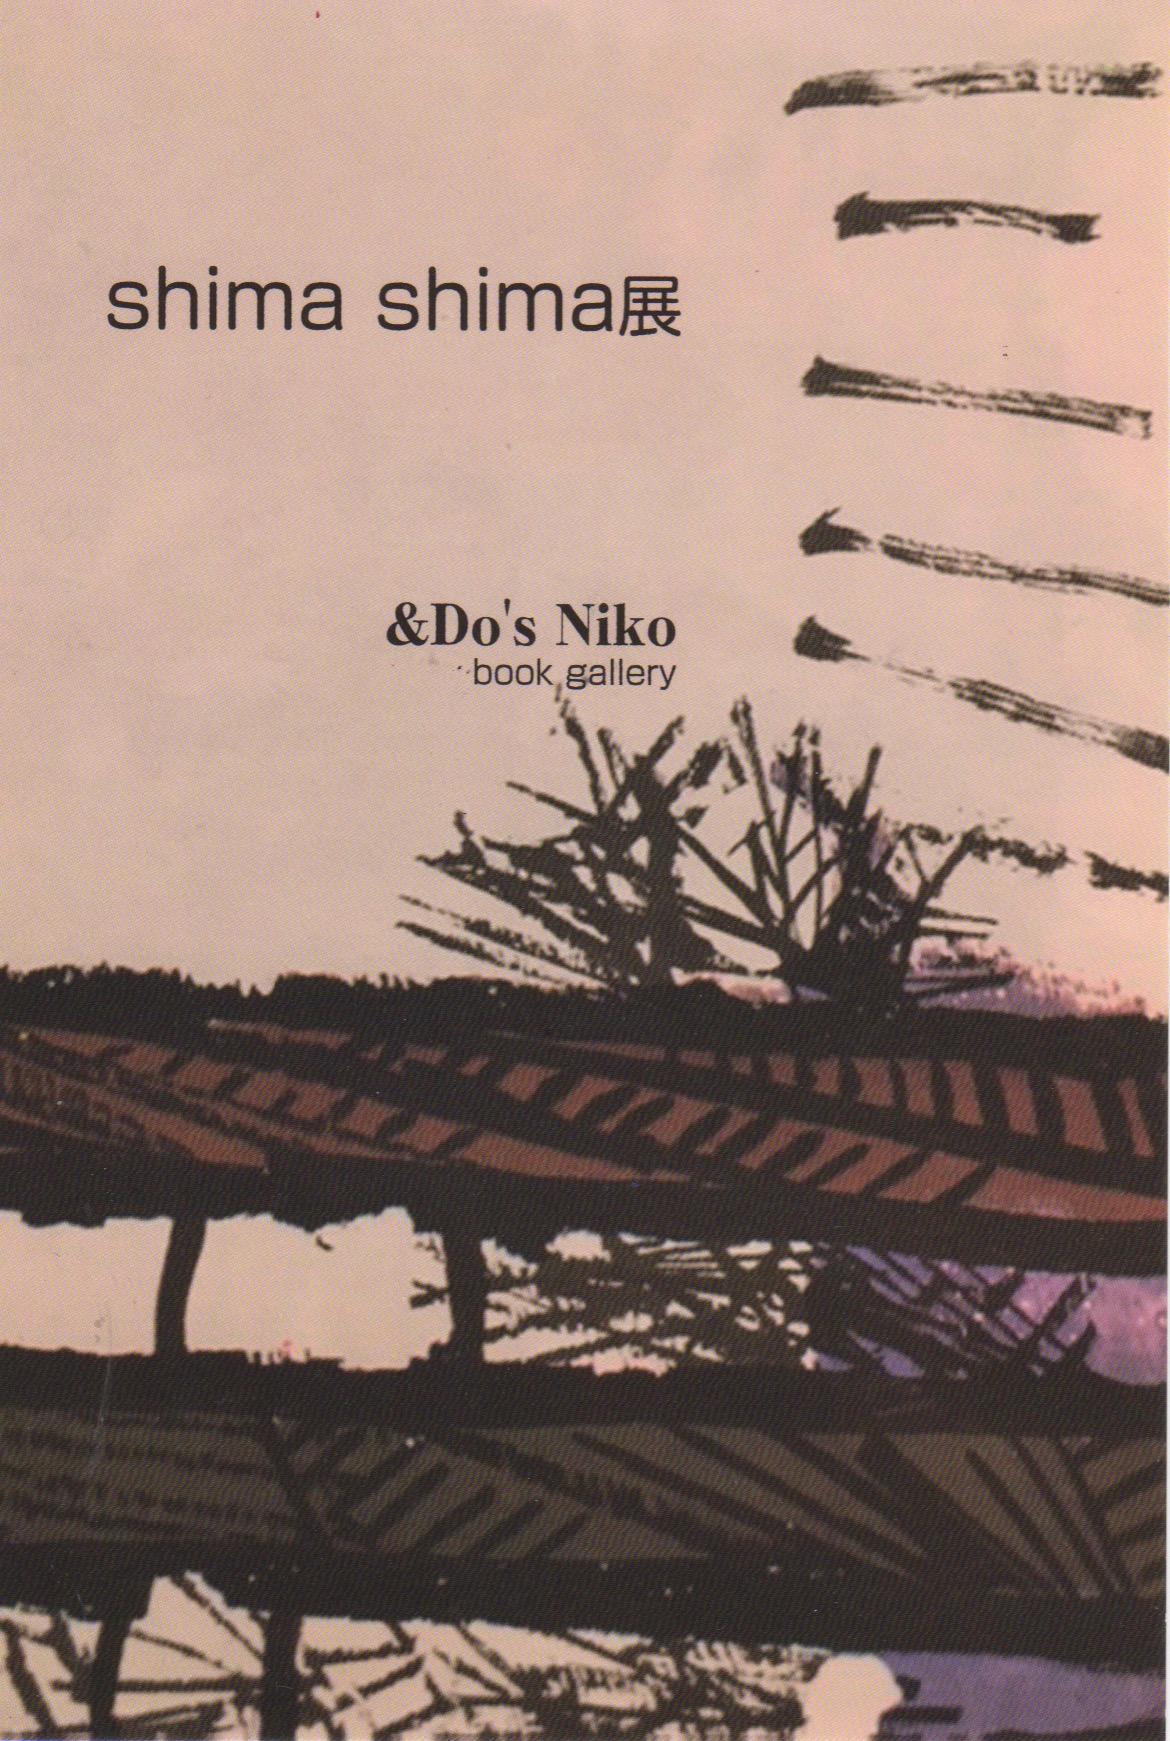 shimashima.jpeg